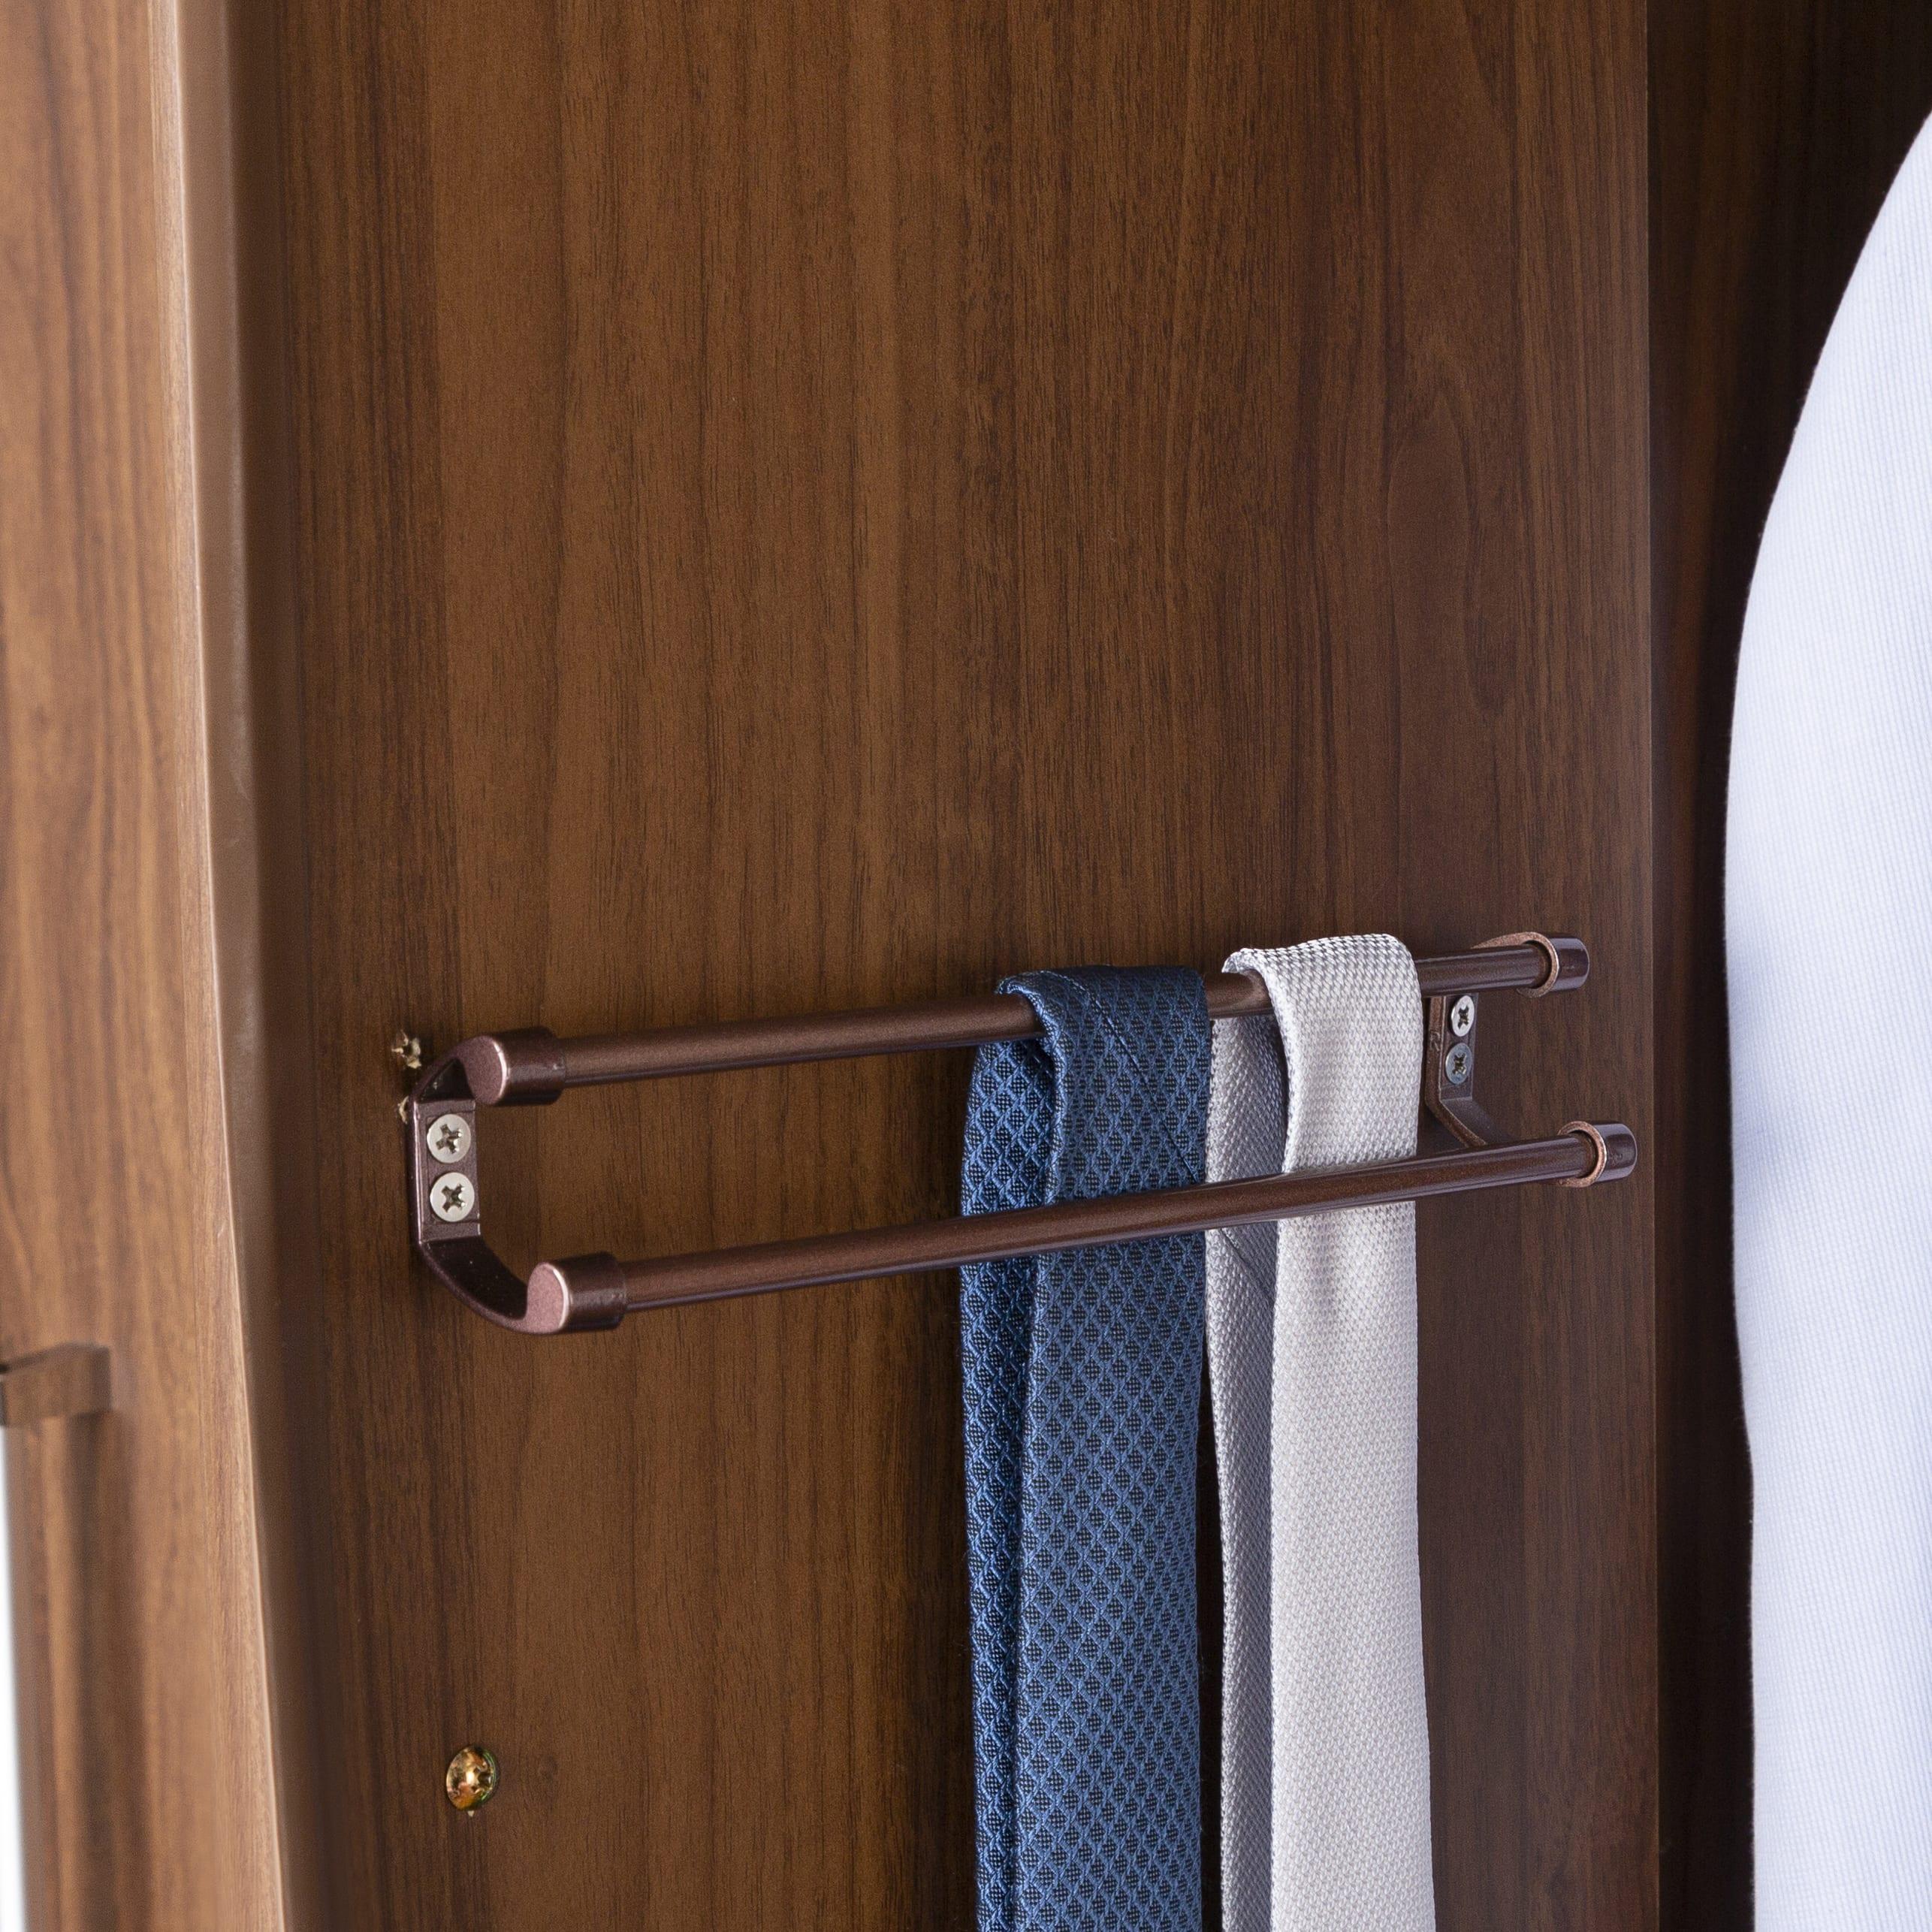 洋服タンス ナット 60 ウエンジ/取手シルバー:ねじ込み式ダボで調節簡単